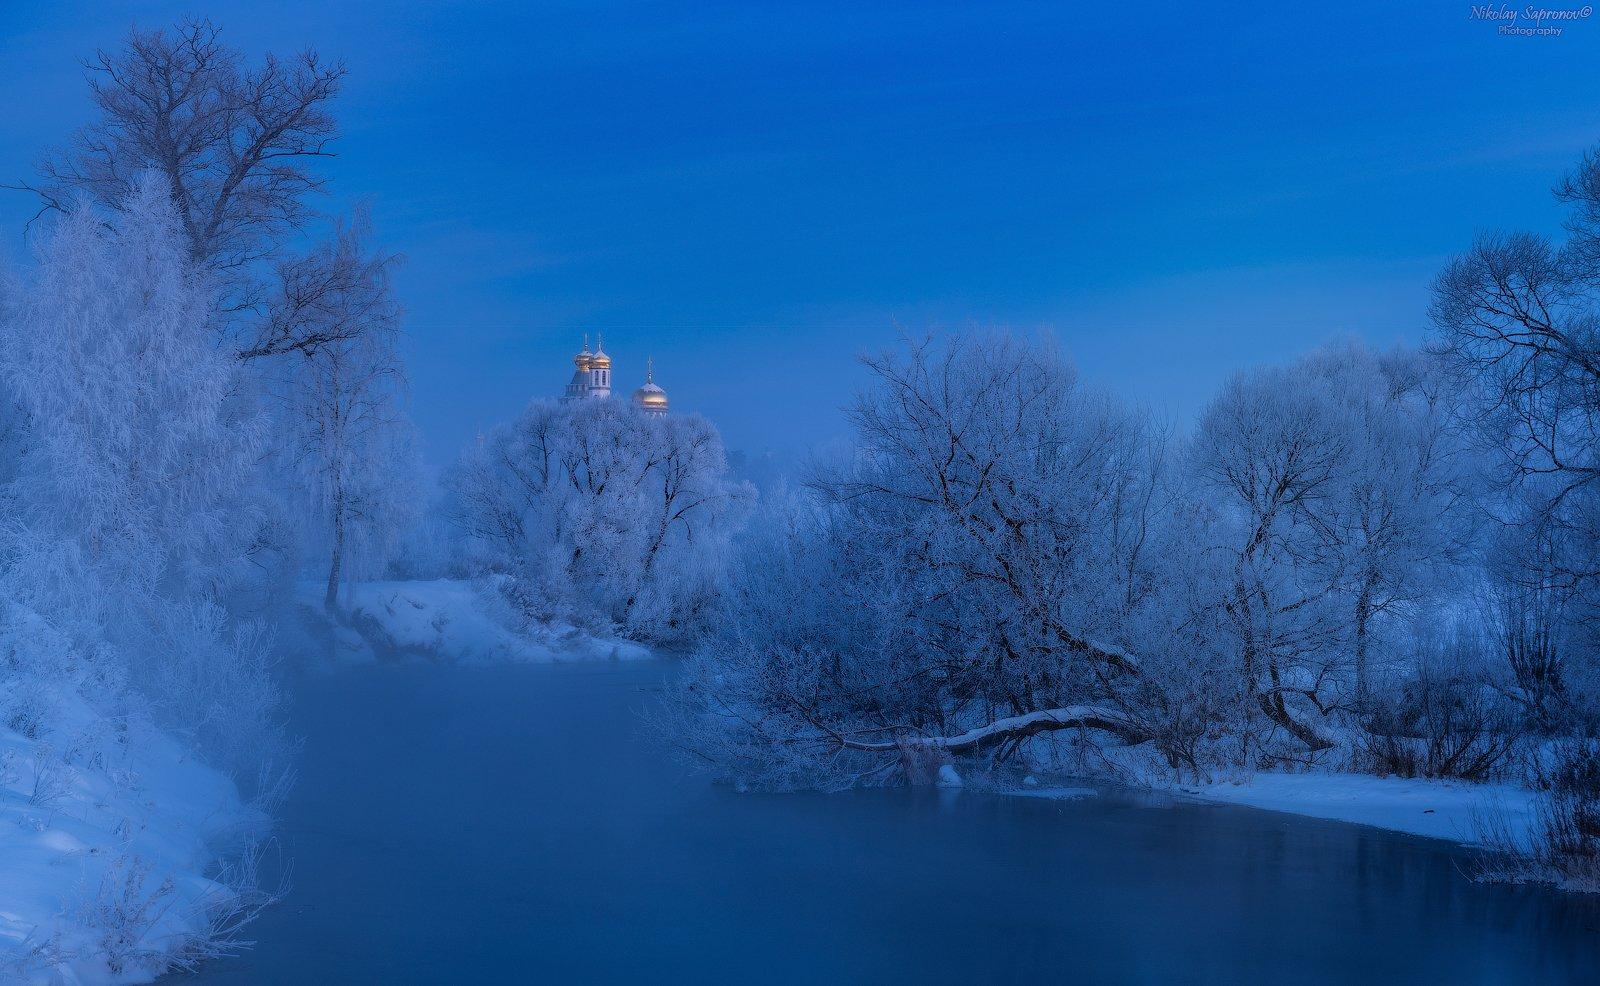 истра, январь, зима, мороз, морозы, сумерки, река, новоиерусалимский монастырь, новый иерусалим, русская зима, Николай Сапронов